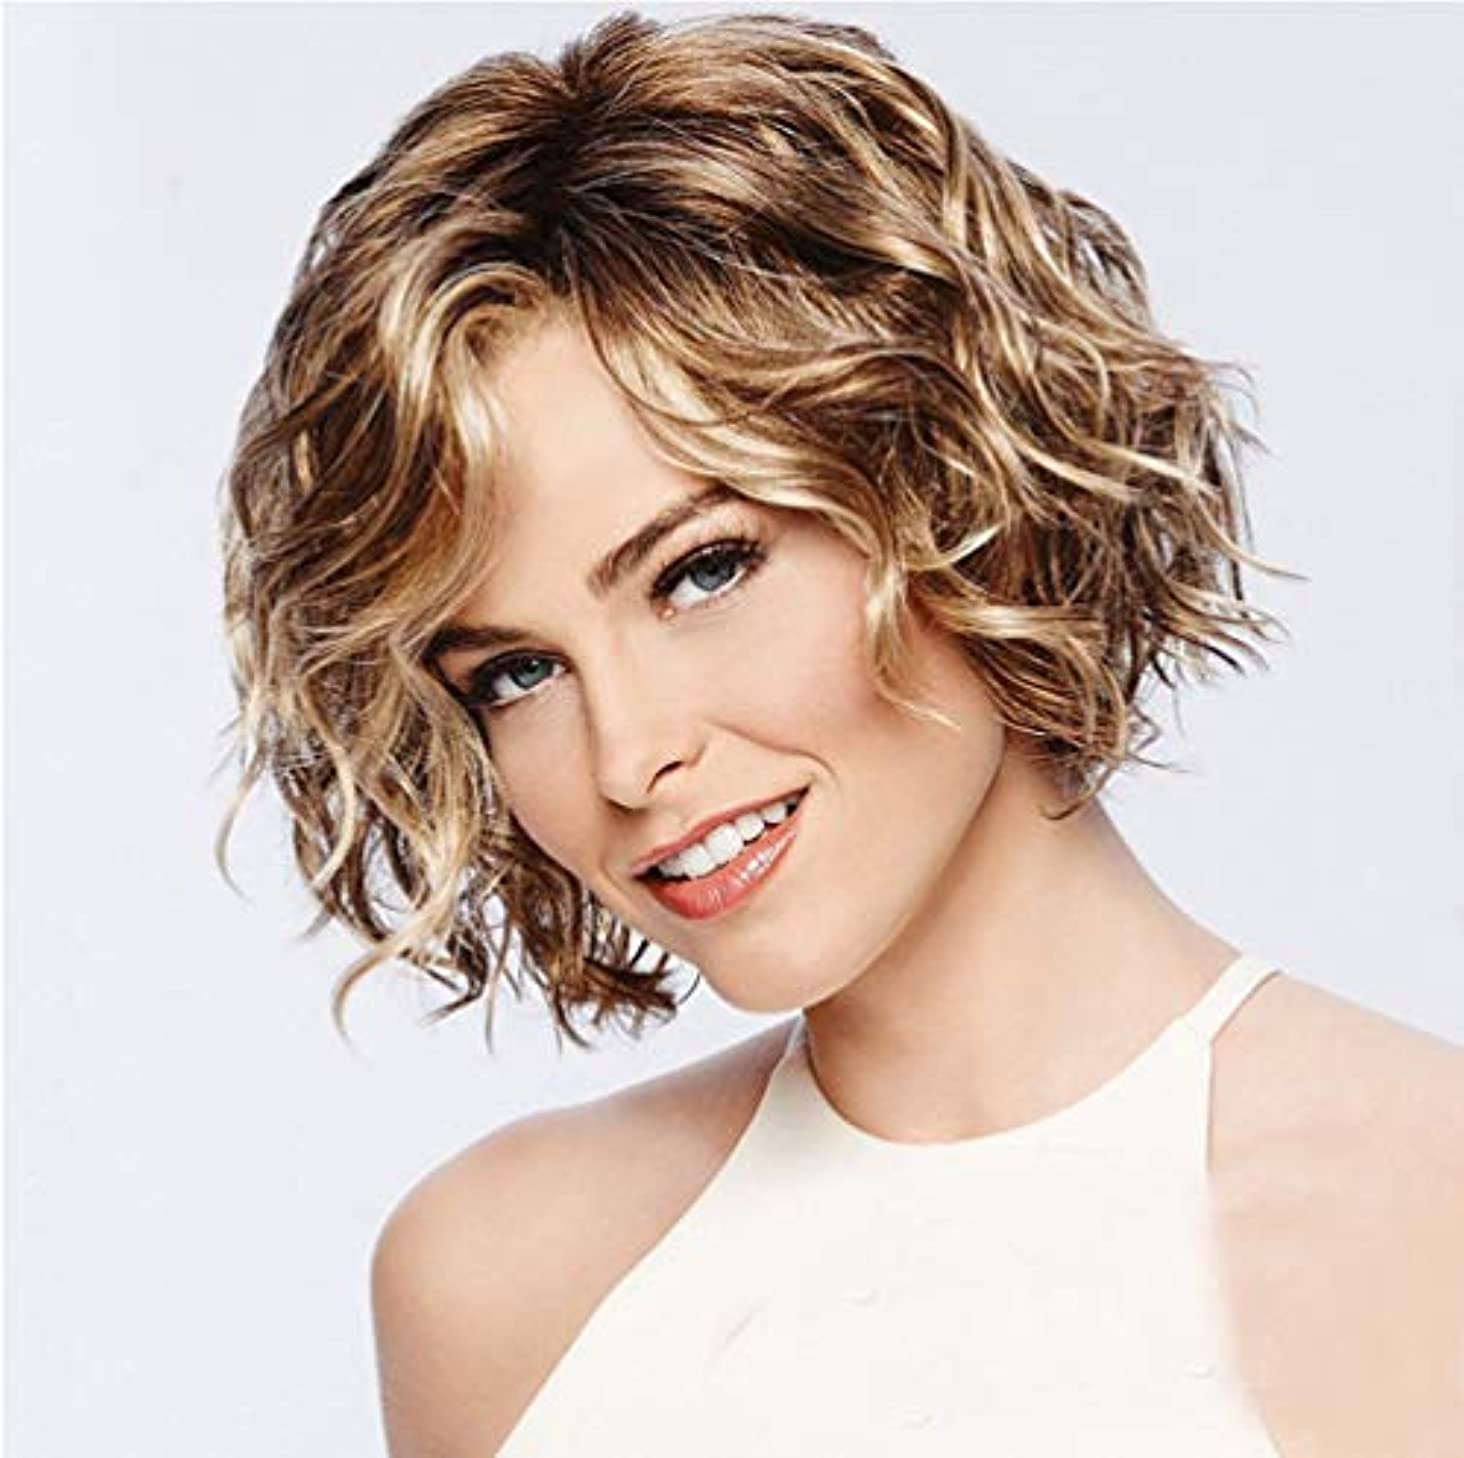 ガレージ負空白かつら女性ボボカーリー合成耐熱繊維毛魅力的なファッショナブルなかつらゴールデングラデーション28センチ